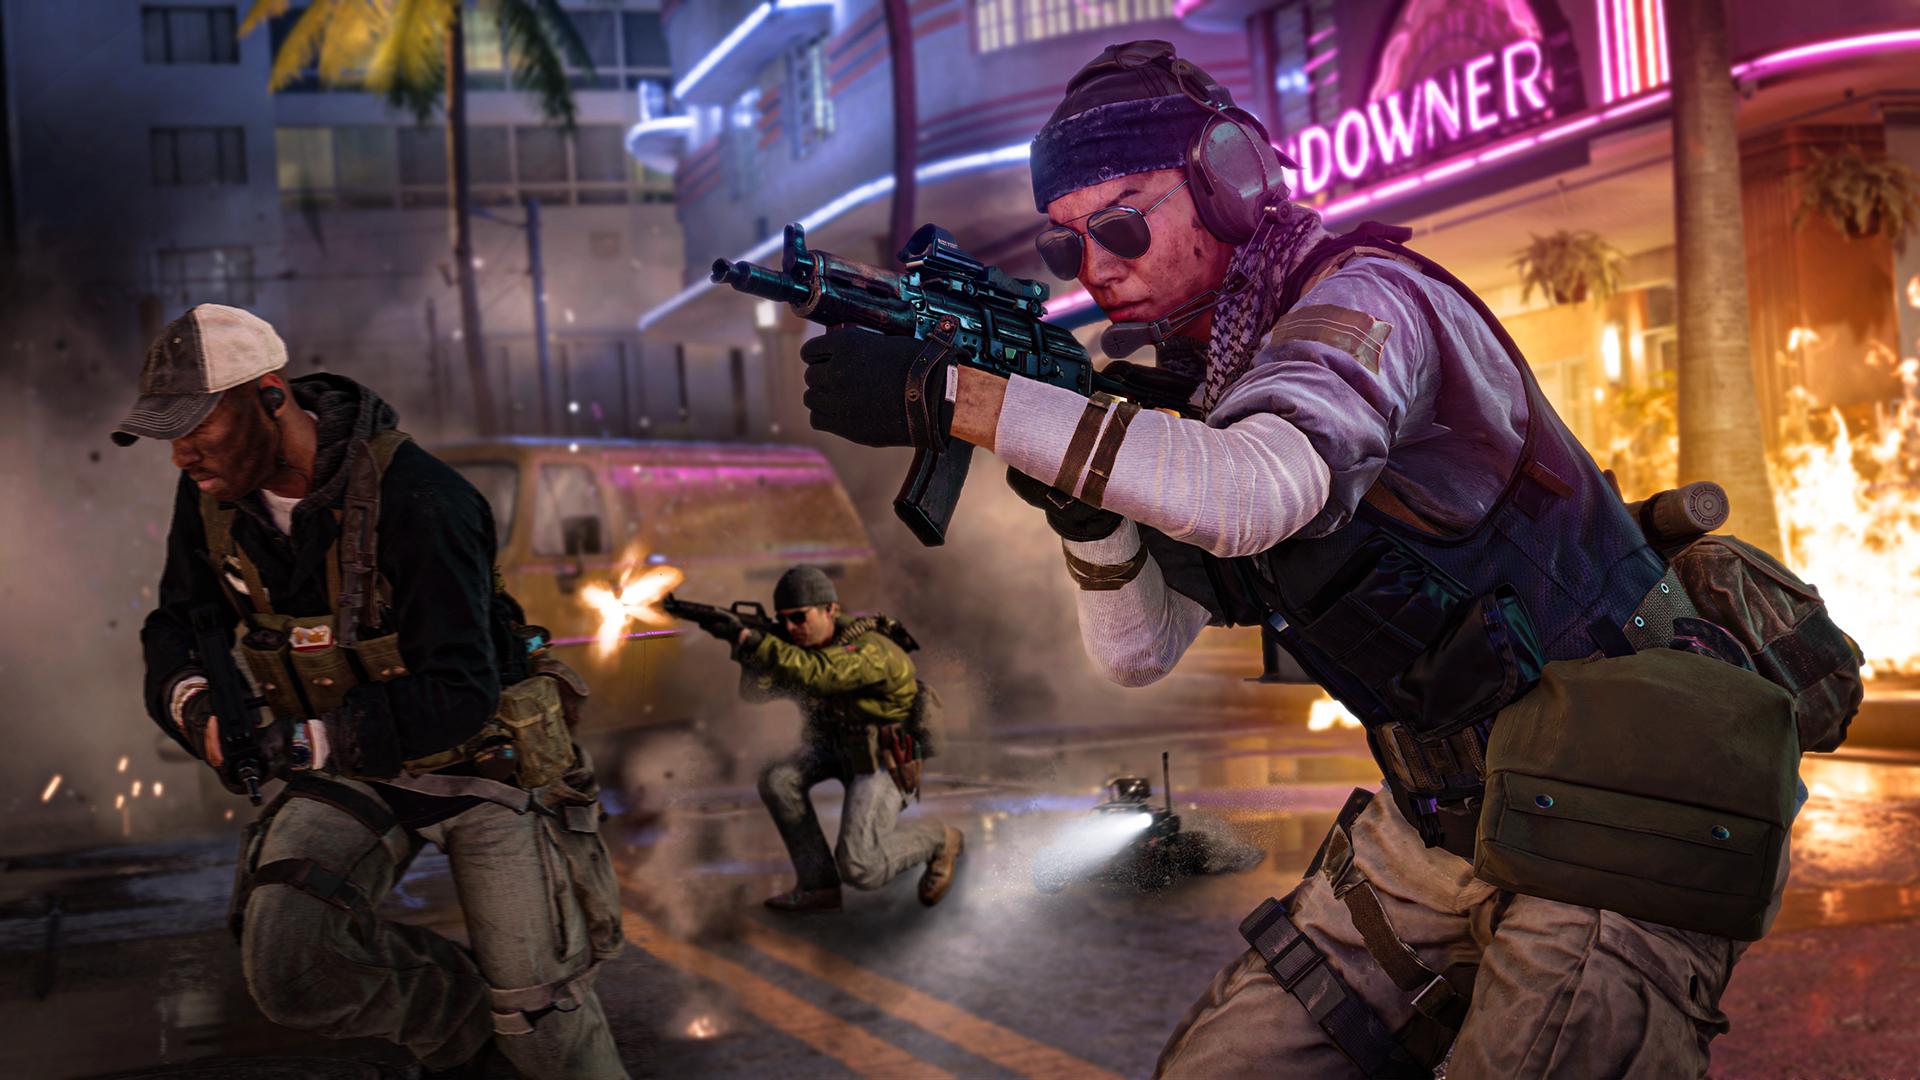 Oddziały specjalne odpierają atak w Miami